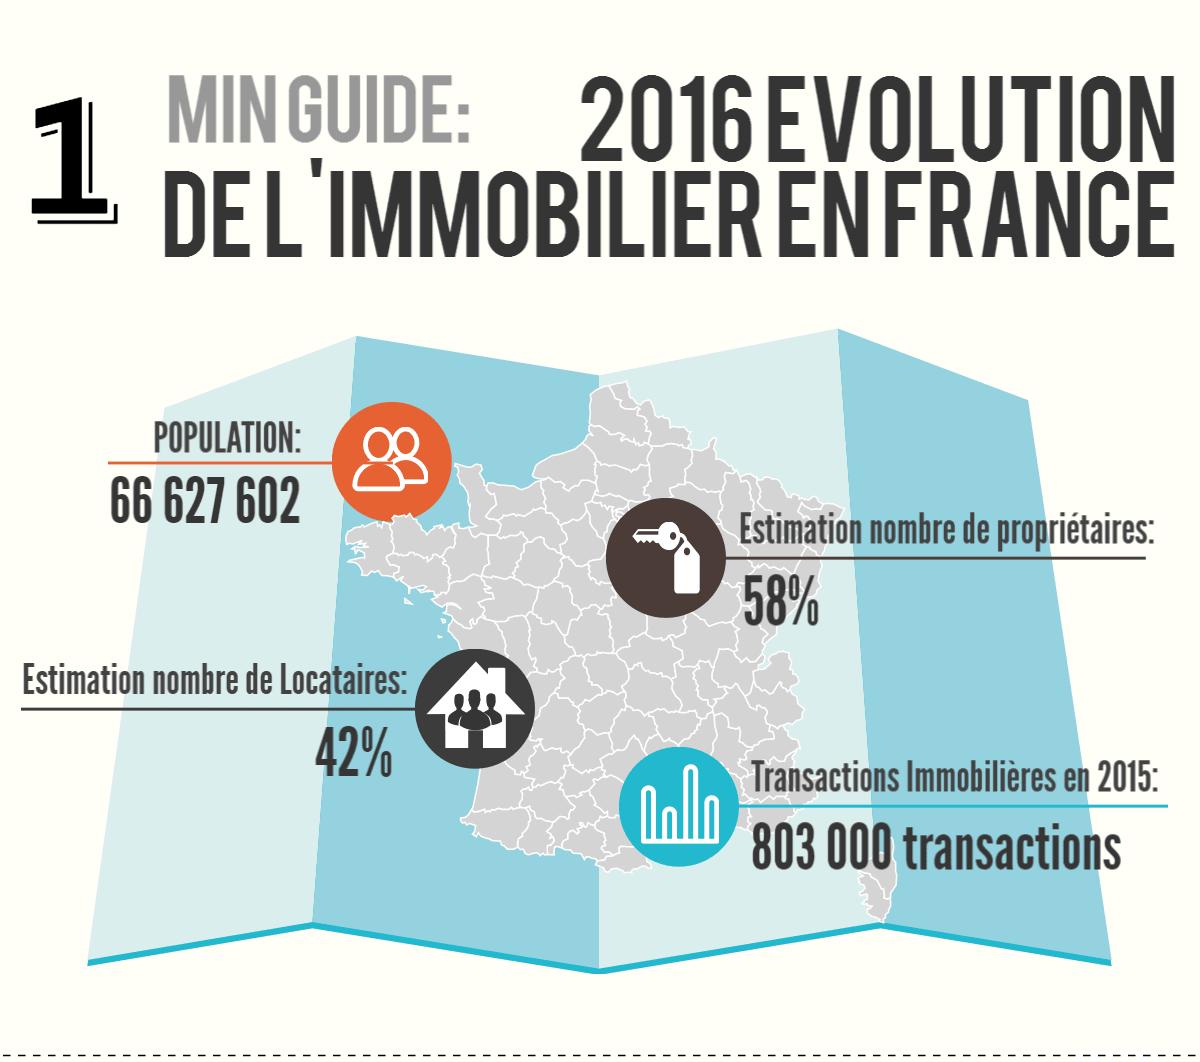 Infographie: Aperçu du marché de l'immobilier en France en 2015